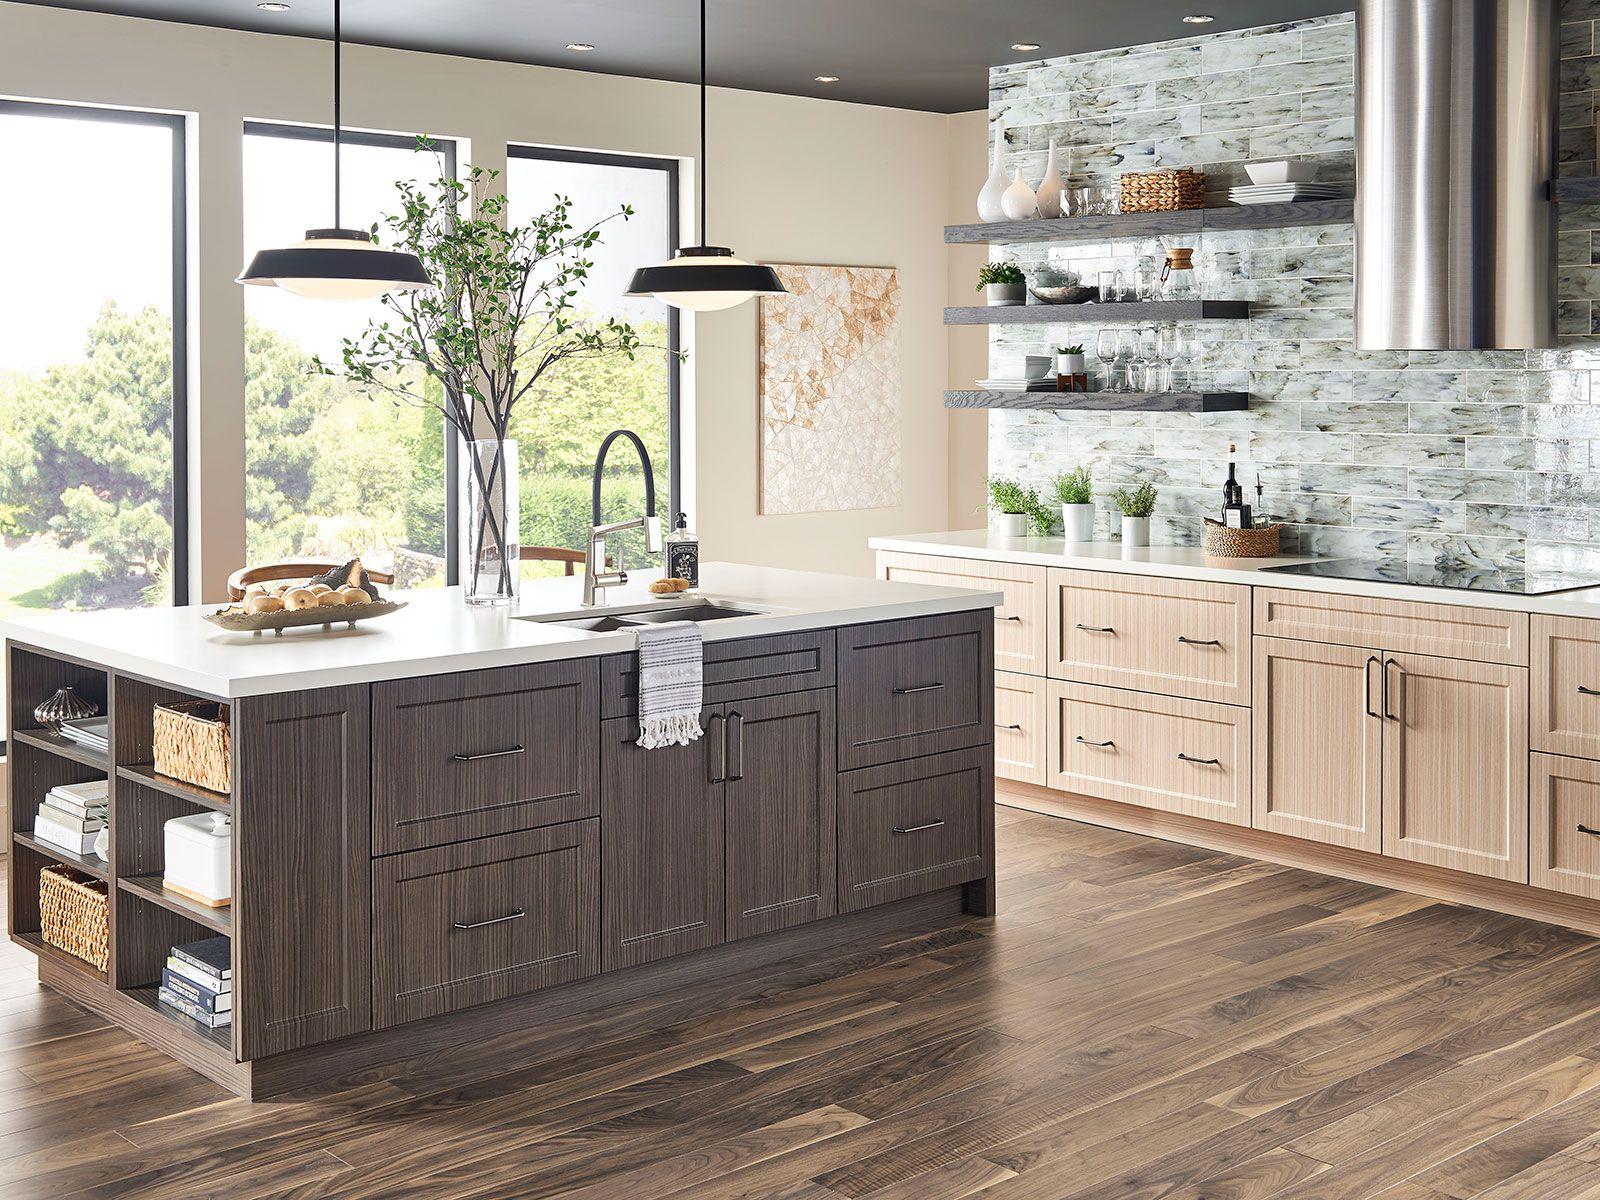 Island In The Sun In 2020 City Kitchen Design Bertch Cabinets Kitchen Design Open